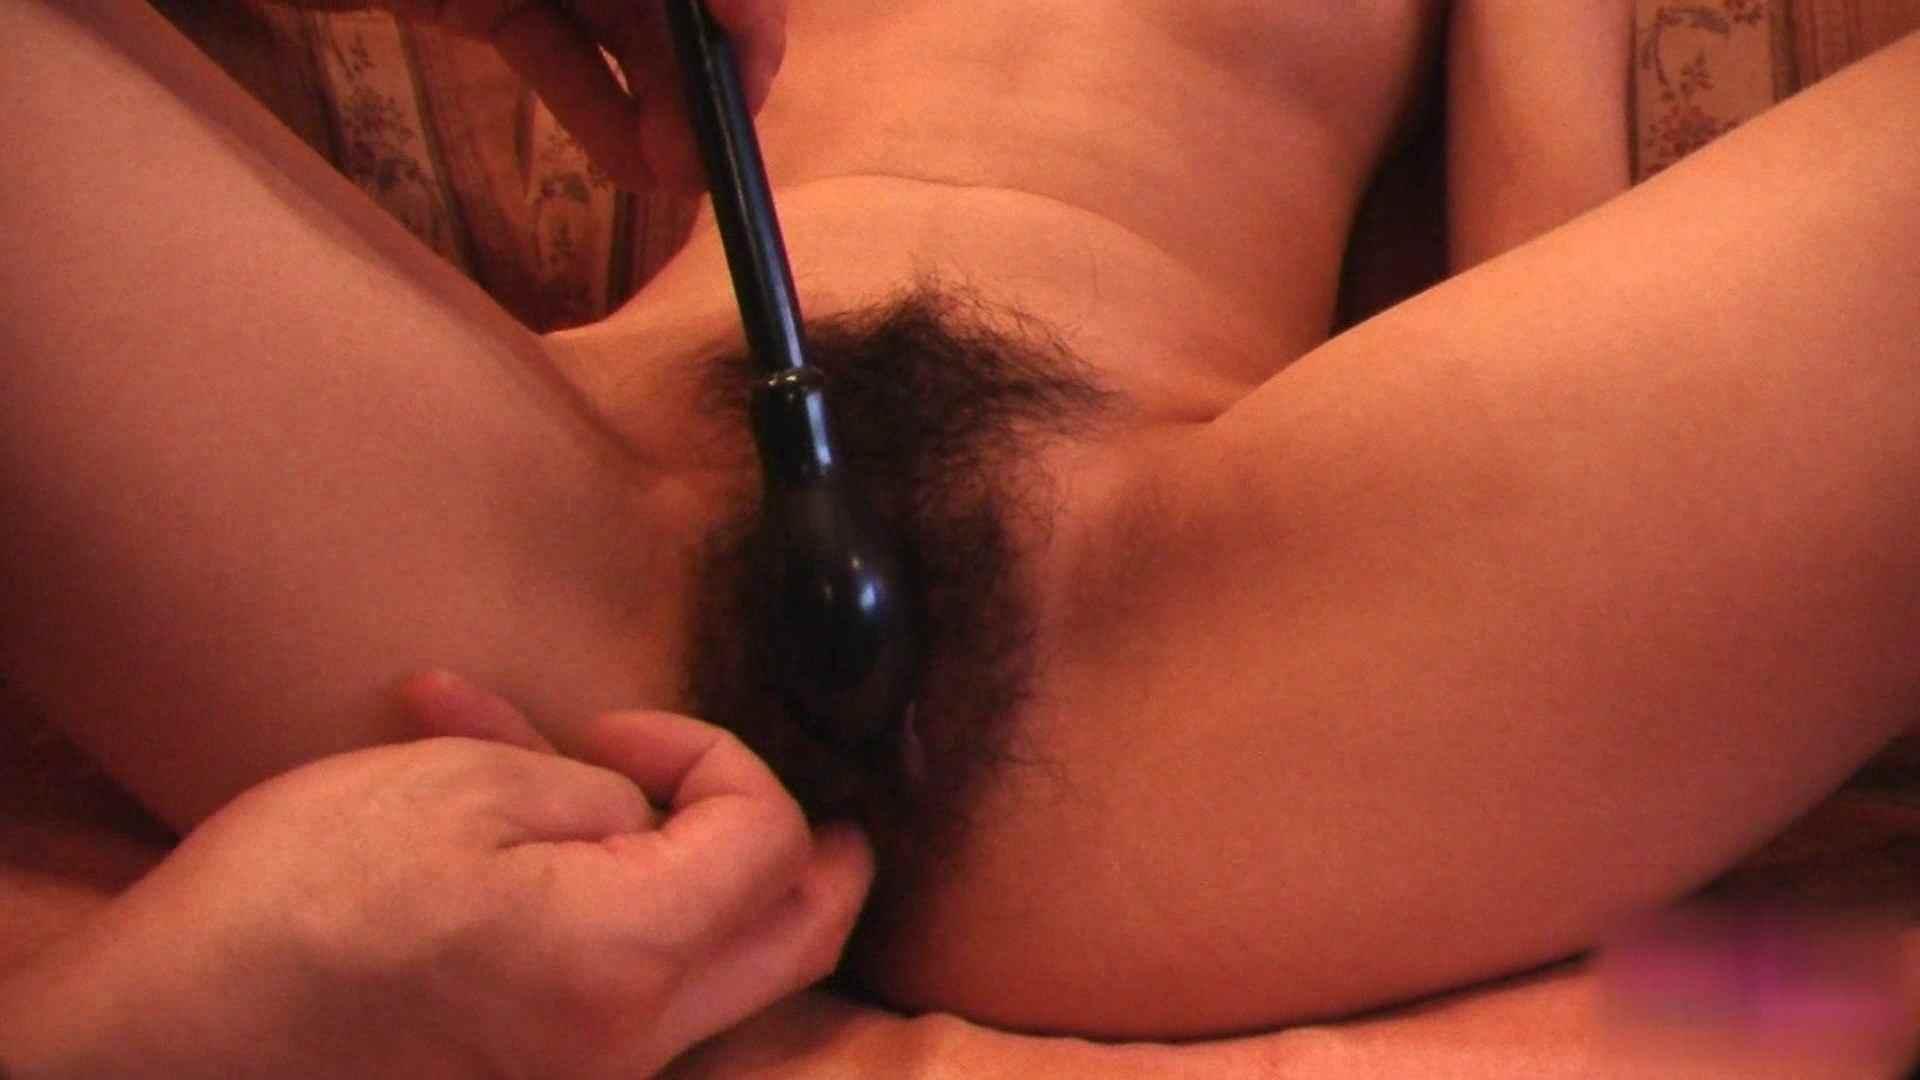 おしえてギャル子のH塾 Vol.26 前編 小悪魔ギャル 盗撮動画紹介 103連発 82